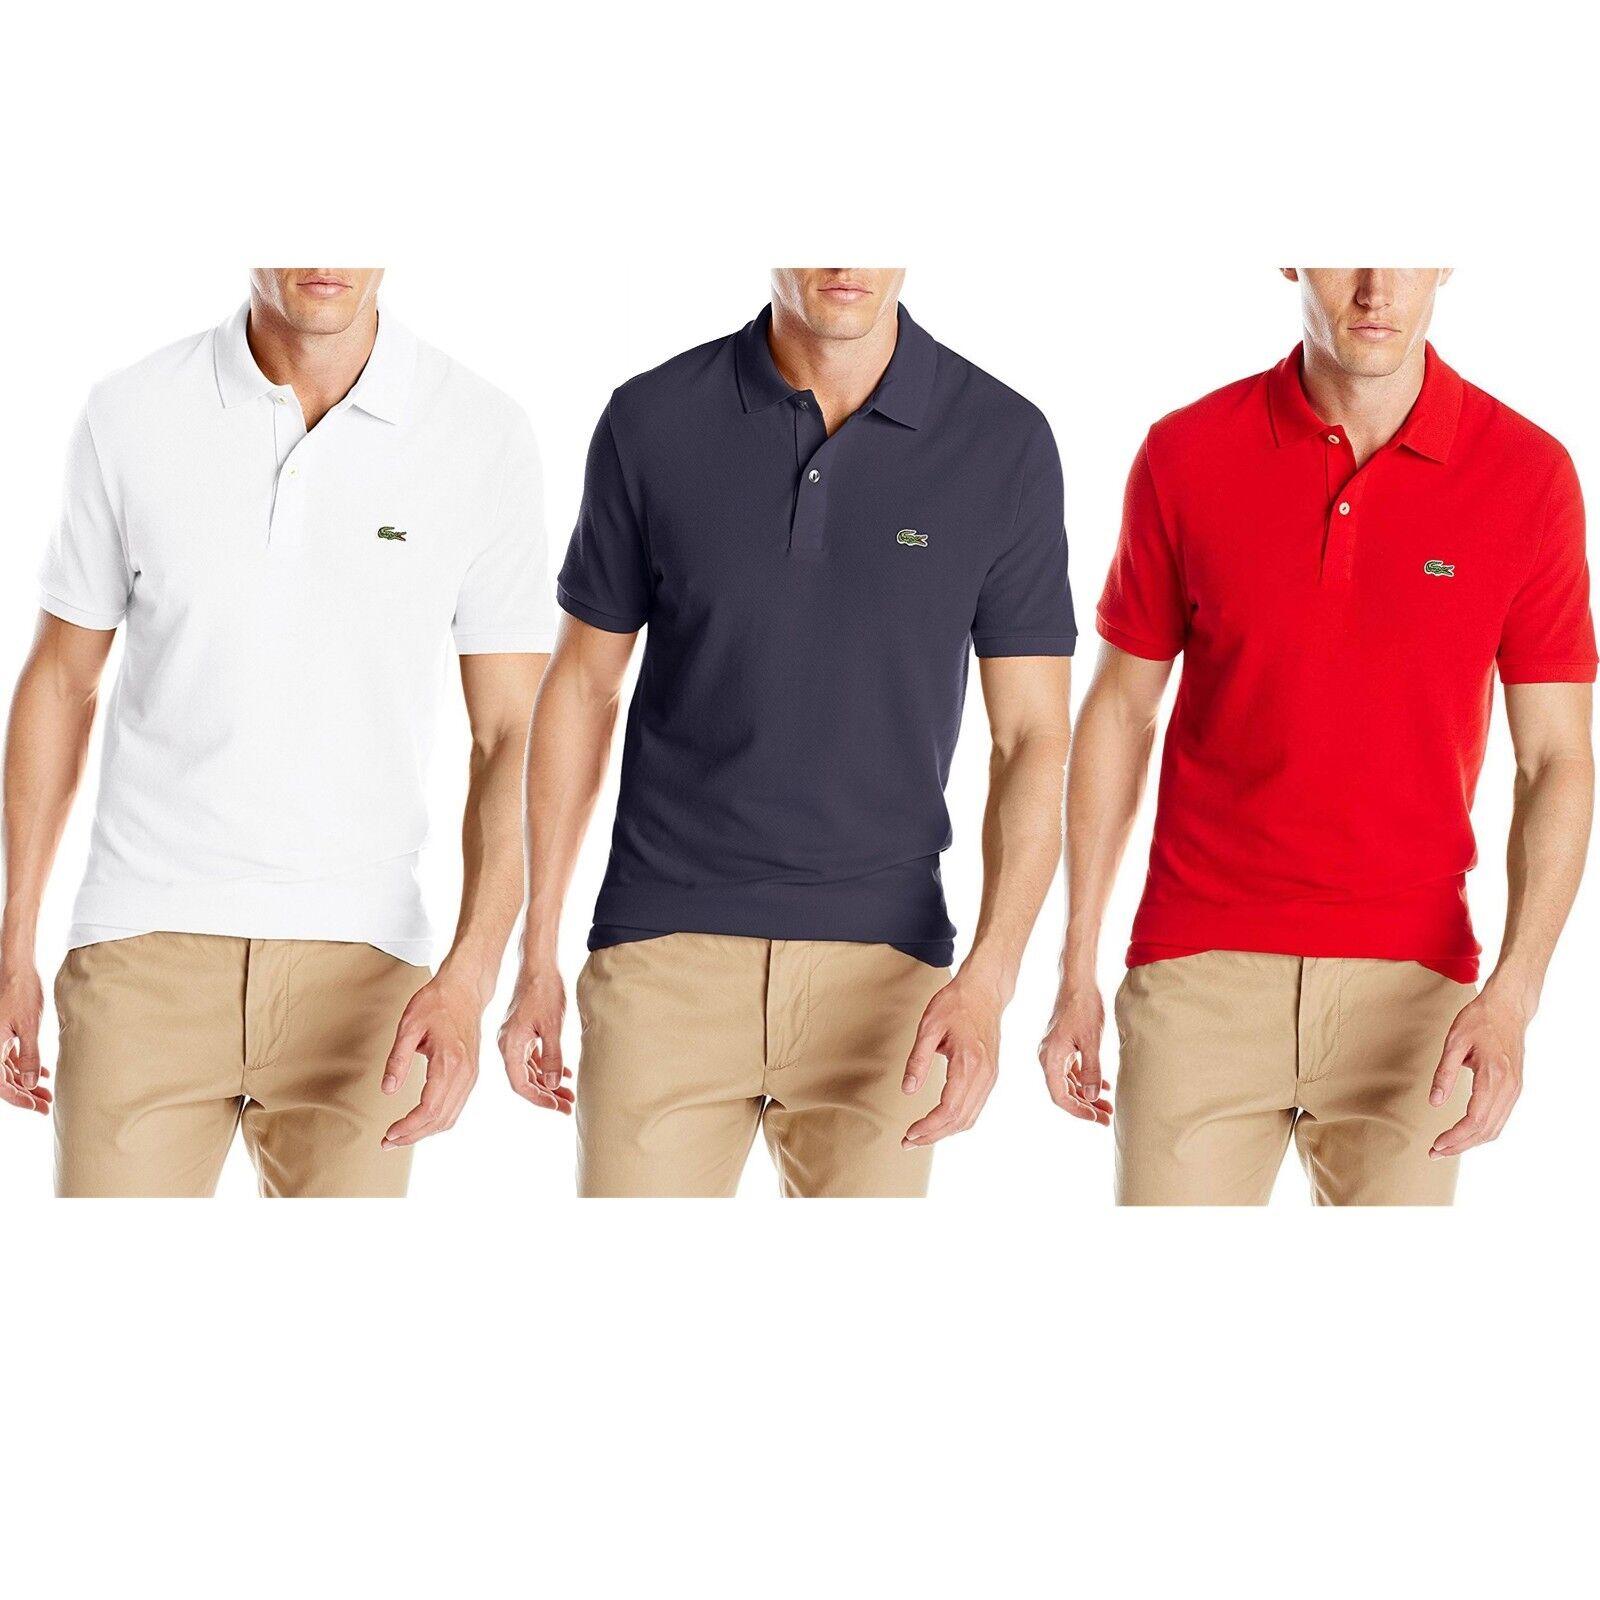 Lacoste Men Classic Pique Slim Fit Casual Cotton Jersey Pique Polo T-Shirt NEW